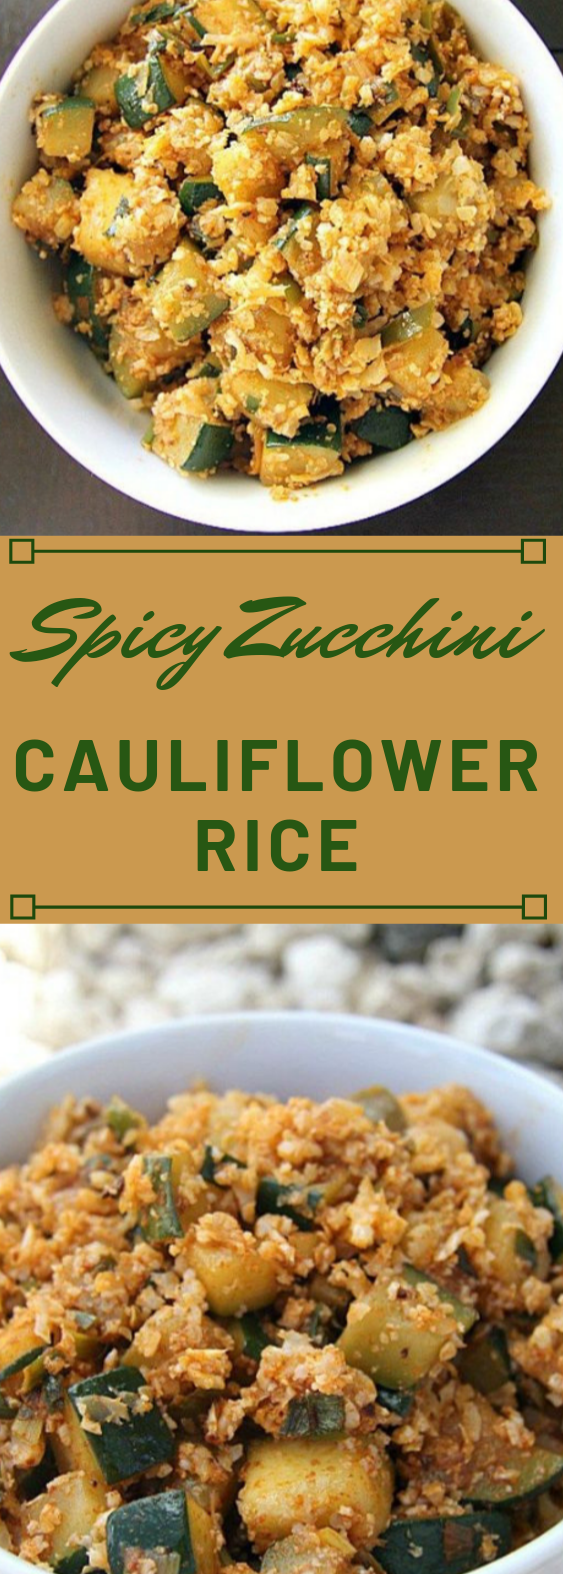 Spicy Zucchini Cauliflower Rice #cauliflower  #vegetarian #zucchini #mushroom #vegan